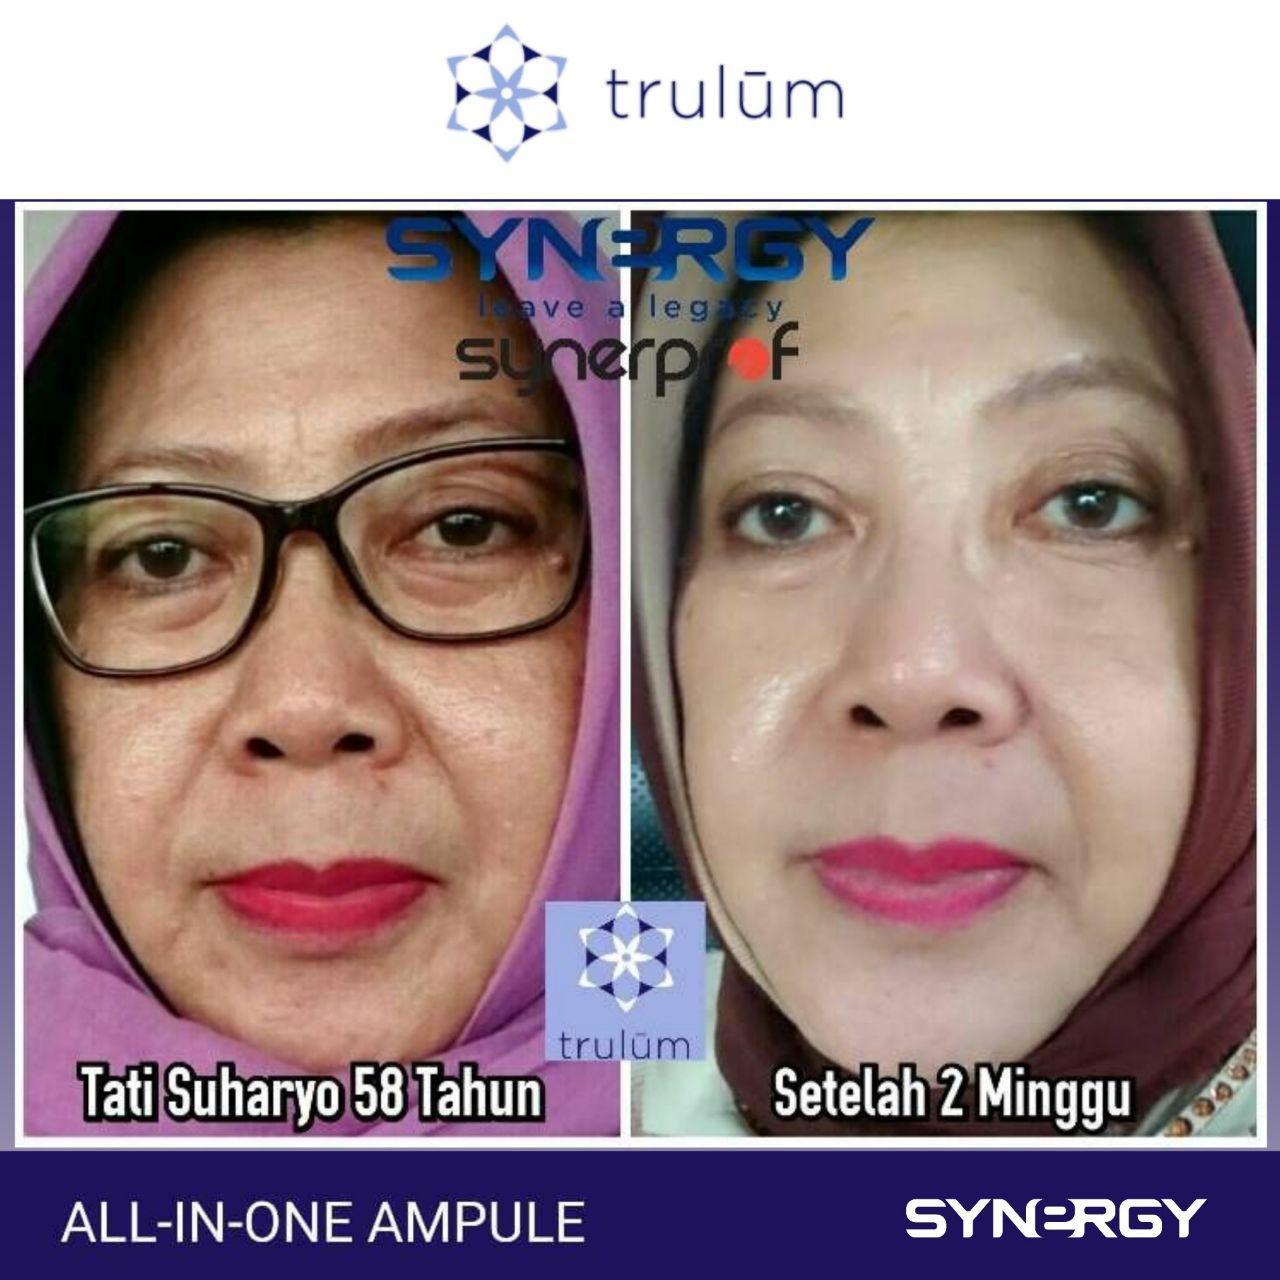 Tempat FacialKulit Sensitif di Bangun Rejo, Lampung Tengah WA: 08112338376